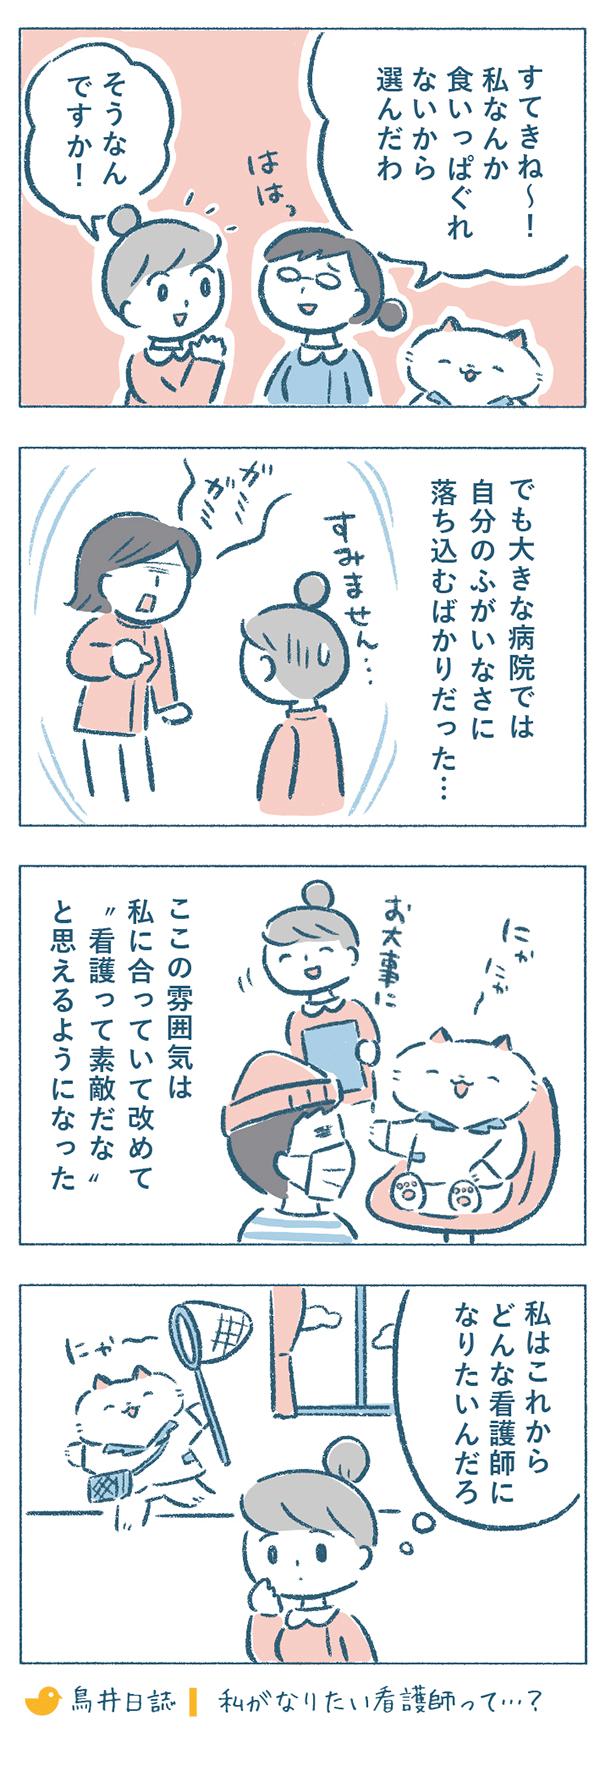 すると熊野さんは「すてきね~私なんか食いっぱぐれないから選んだわ。」と笑っていいました。奈央子は(でも大きな病院では自分のふがいなさに落ち込むばかりで、ここの雰囲気は私に合っていて改めて看護って素敵だなっと思えるようになった)ということを思いだしました。そして、(私はこれからどんな看護師になりたいんだろ…)と少し考える奈央子なのでした。